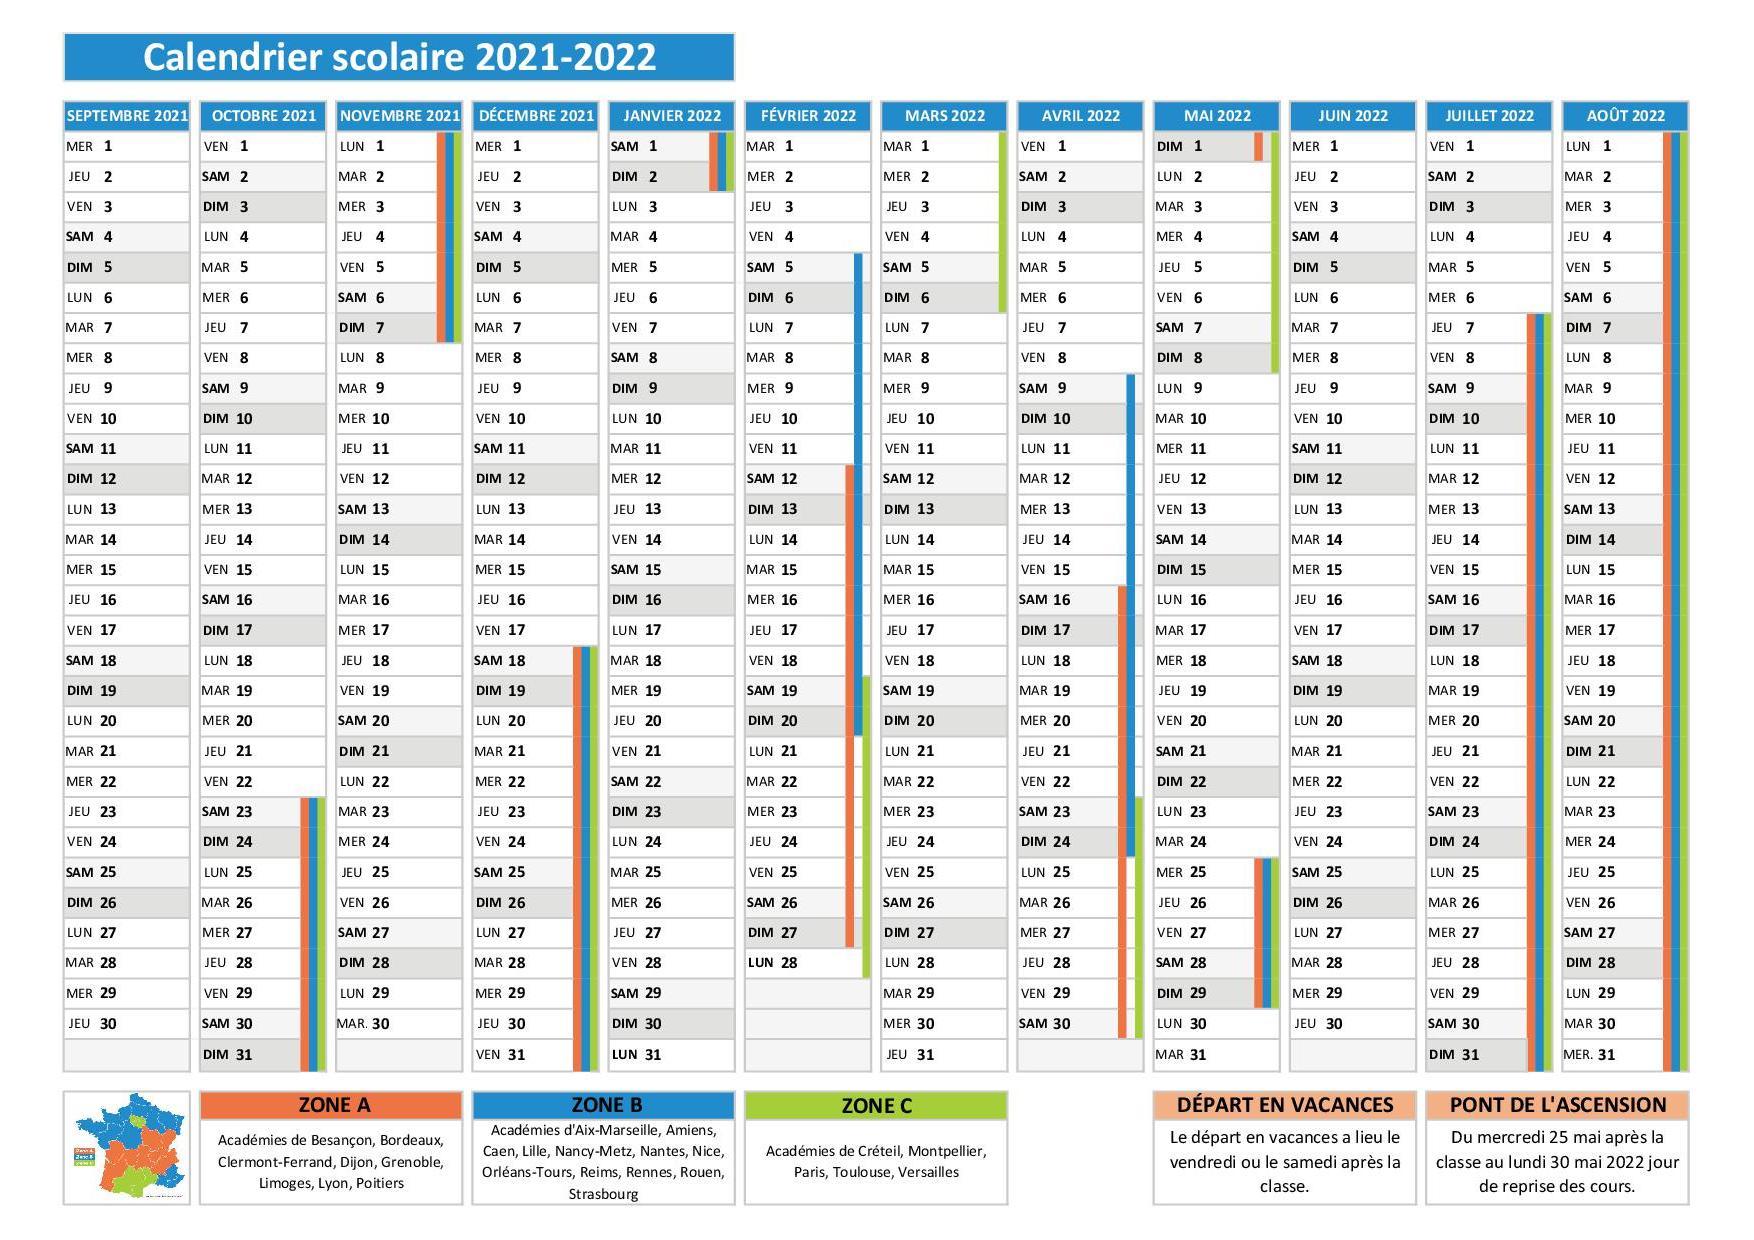 Vacances scolaires 2021 2022   Calendrier scolaire 2021 2022 à